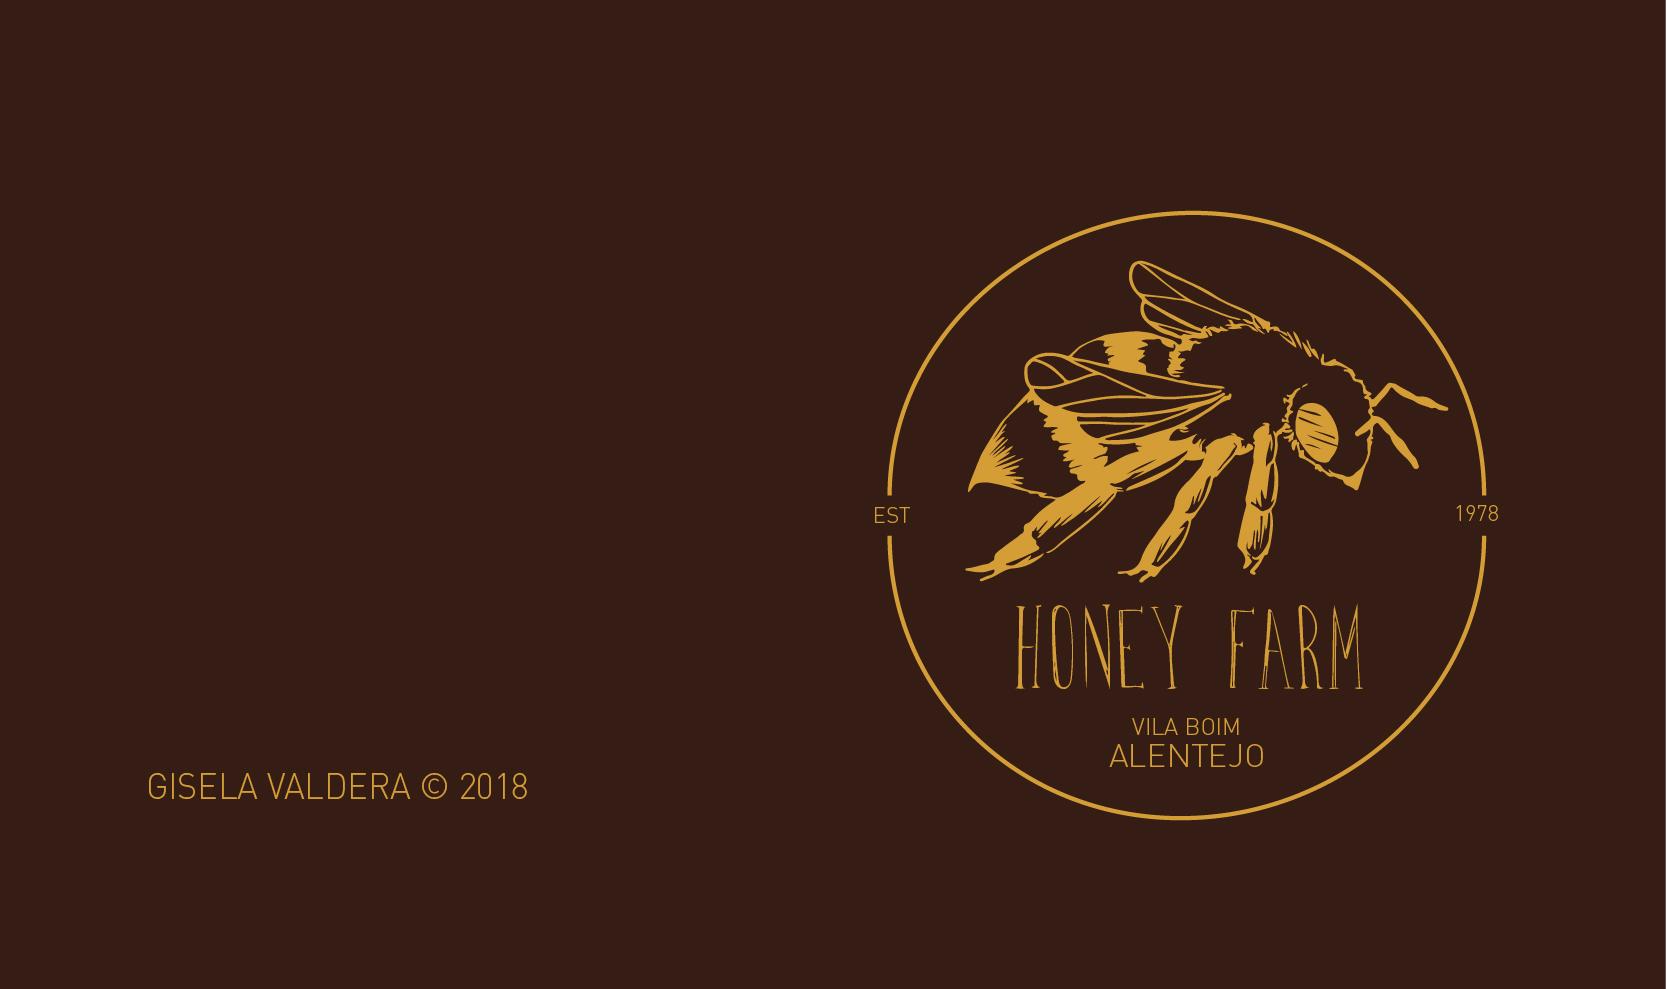 honeyfarm presentation-10.jpg